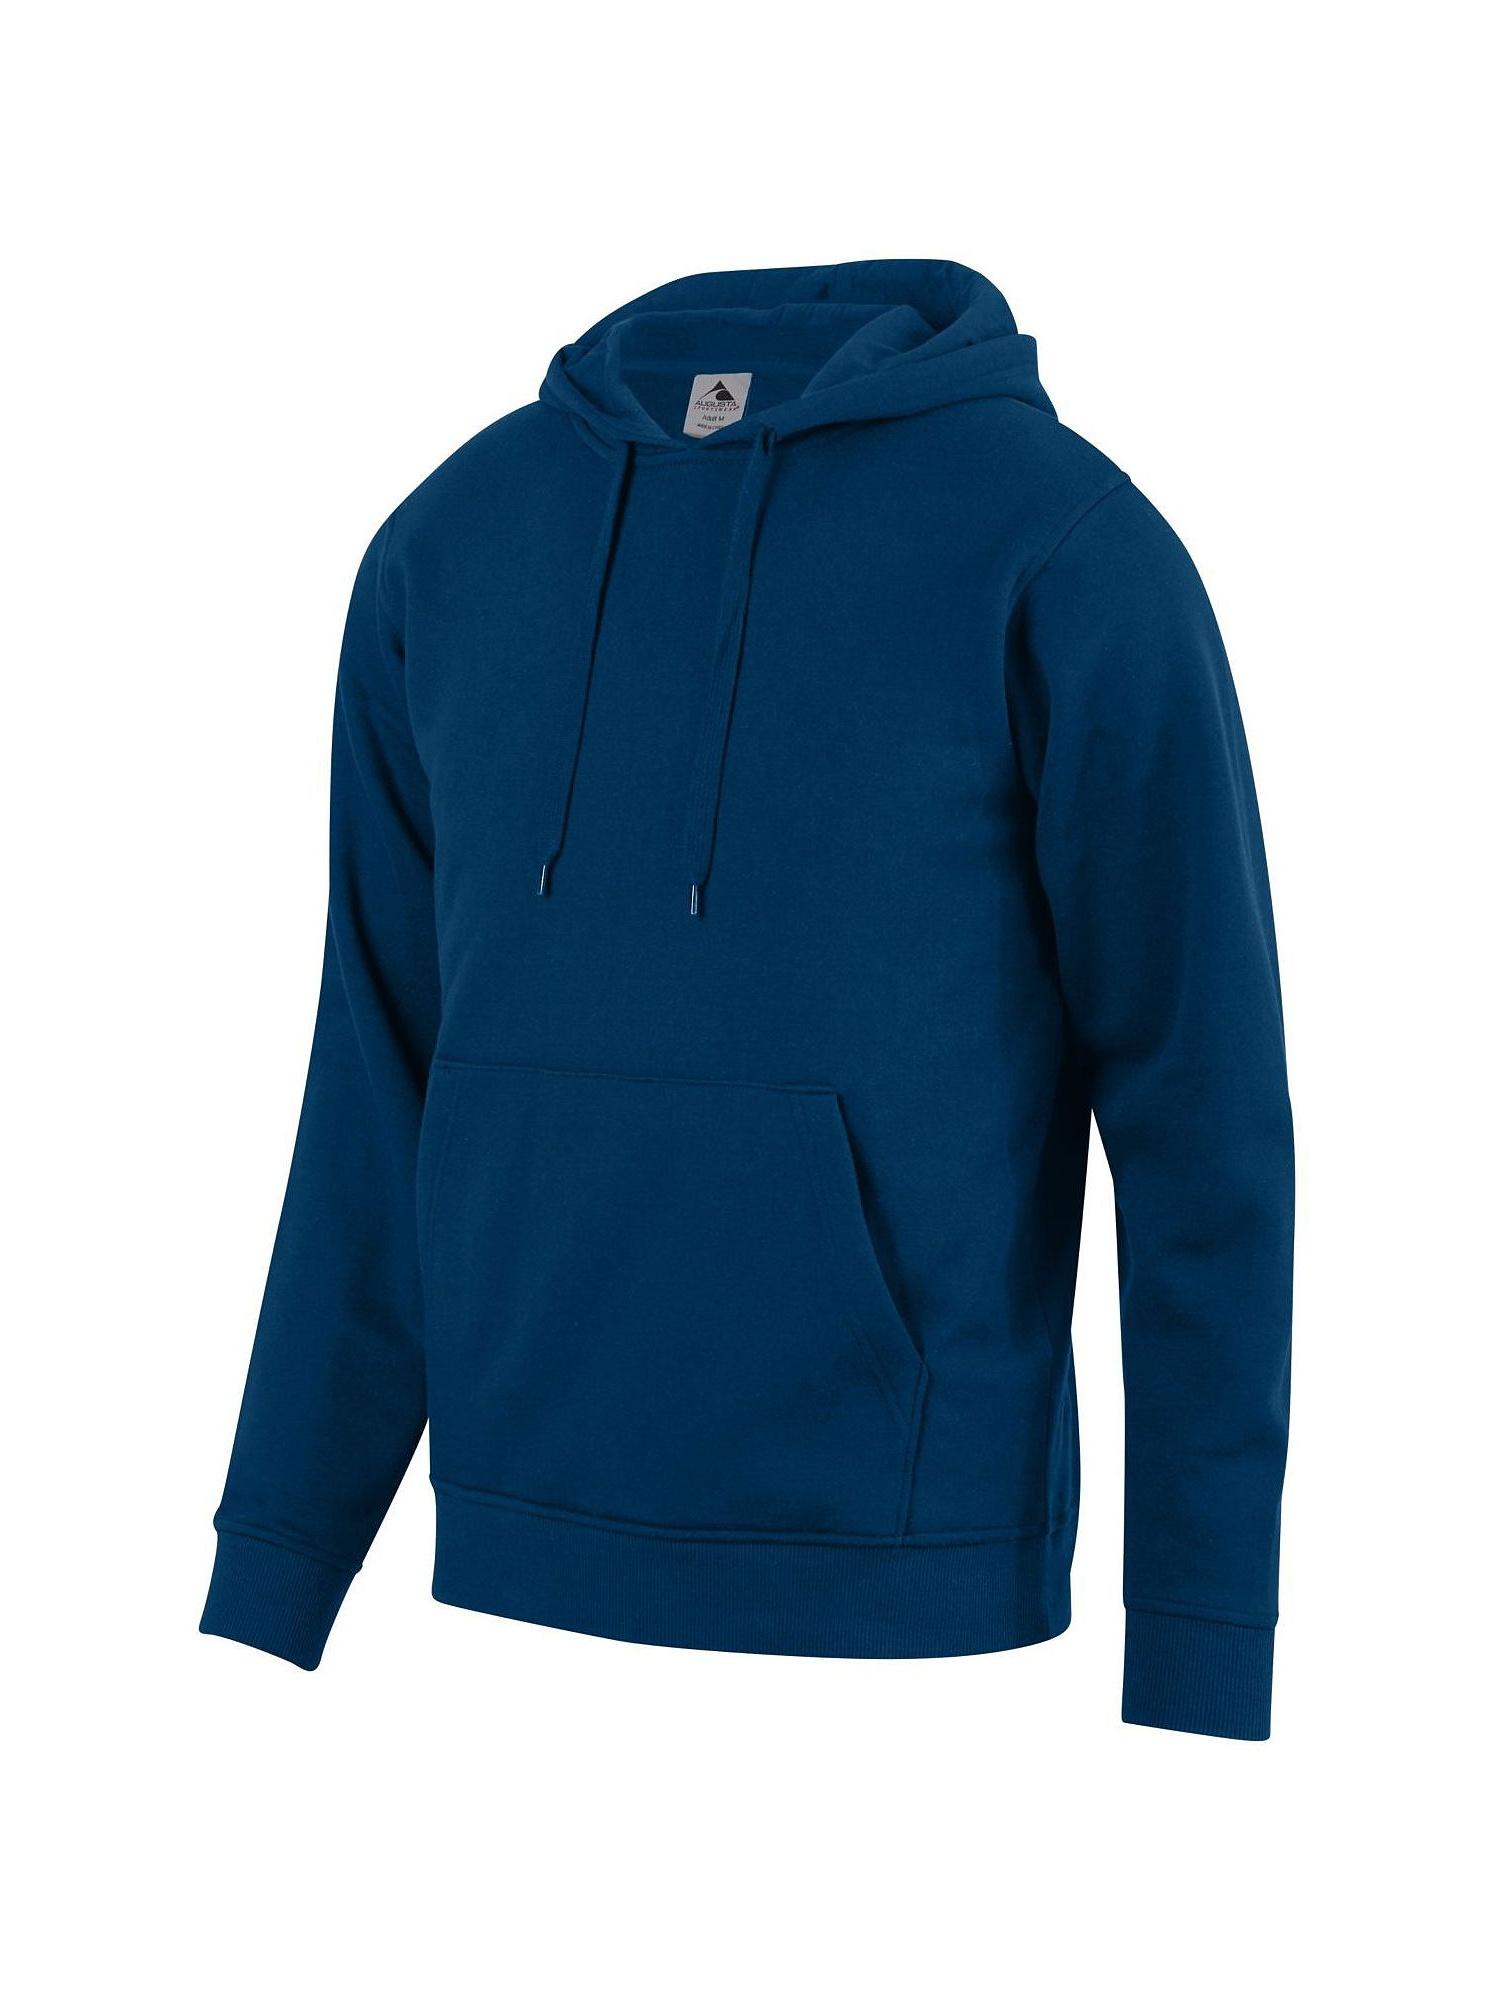 Augusta Sportswear L Boys 60/40 Fleece Hoodie Power Blue 5415